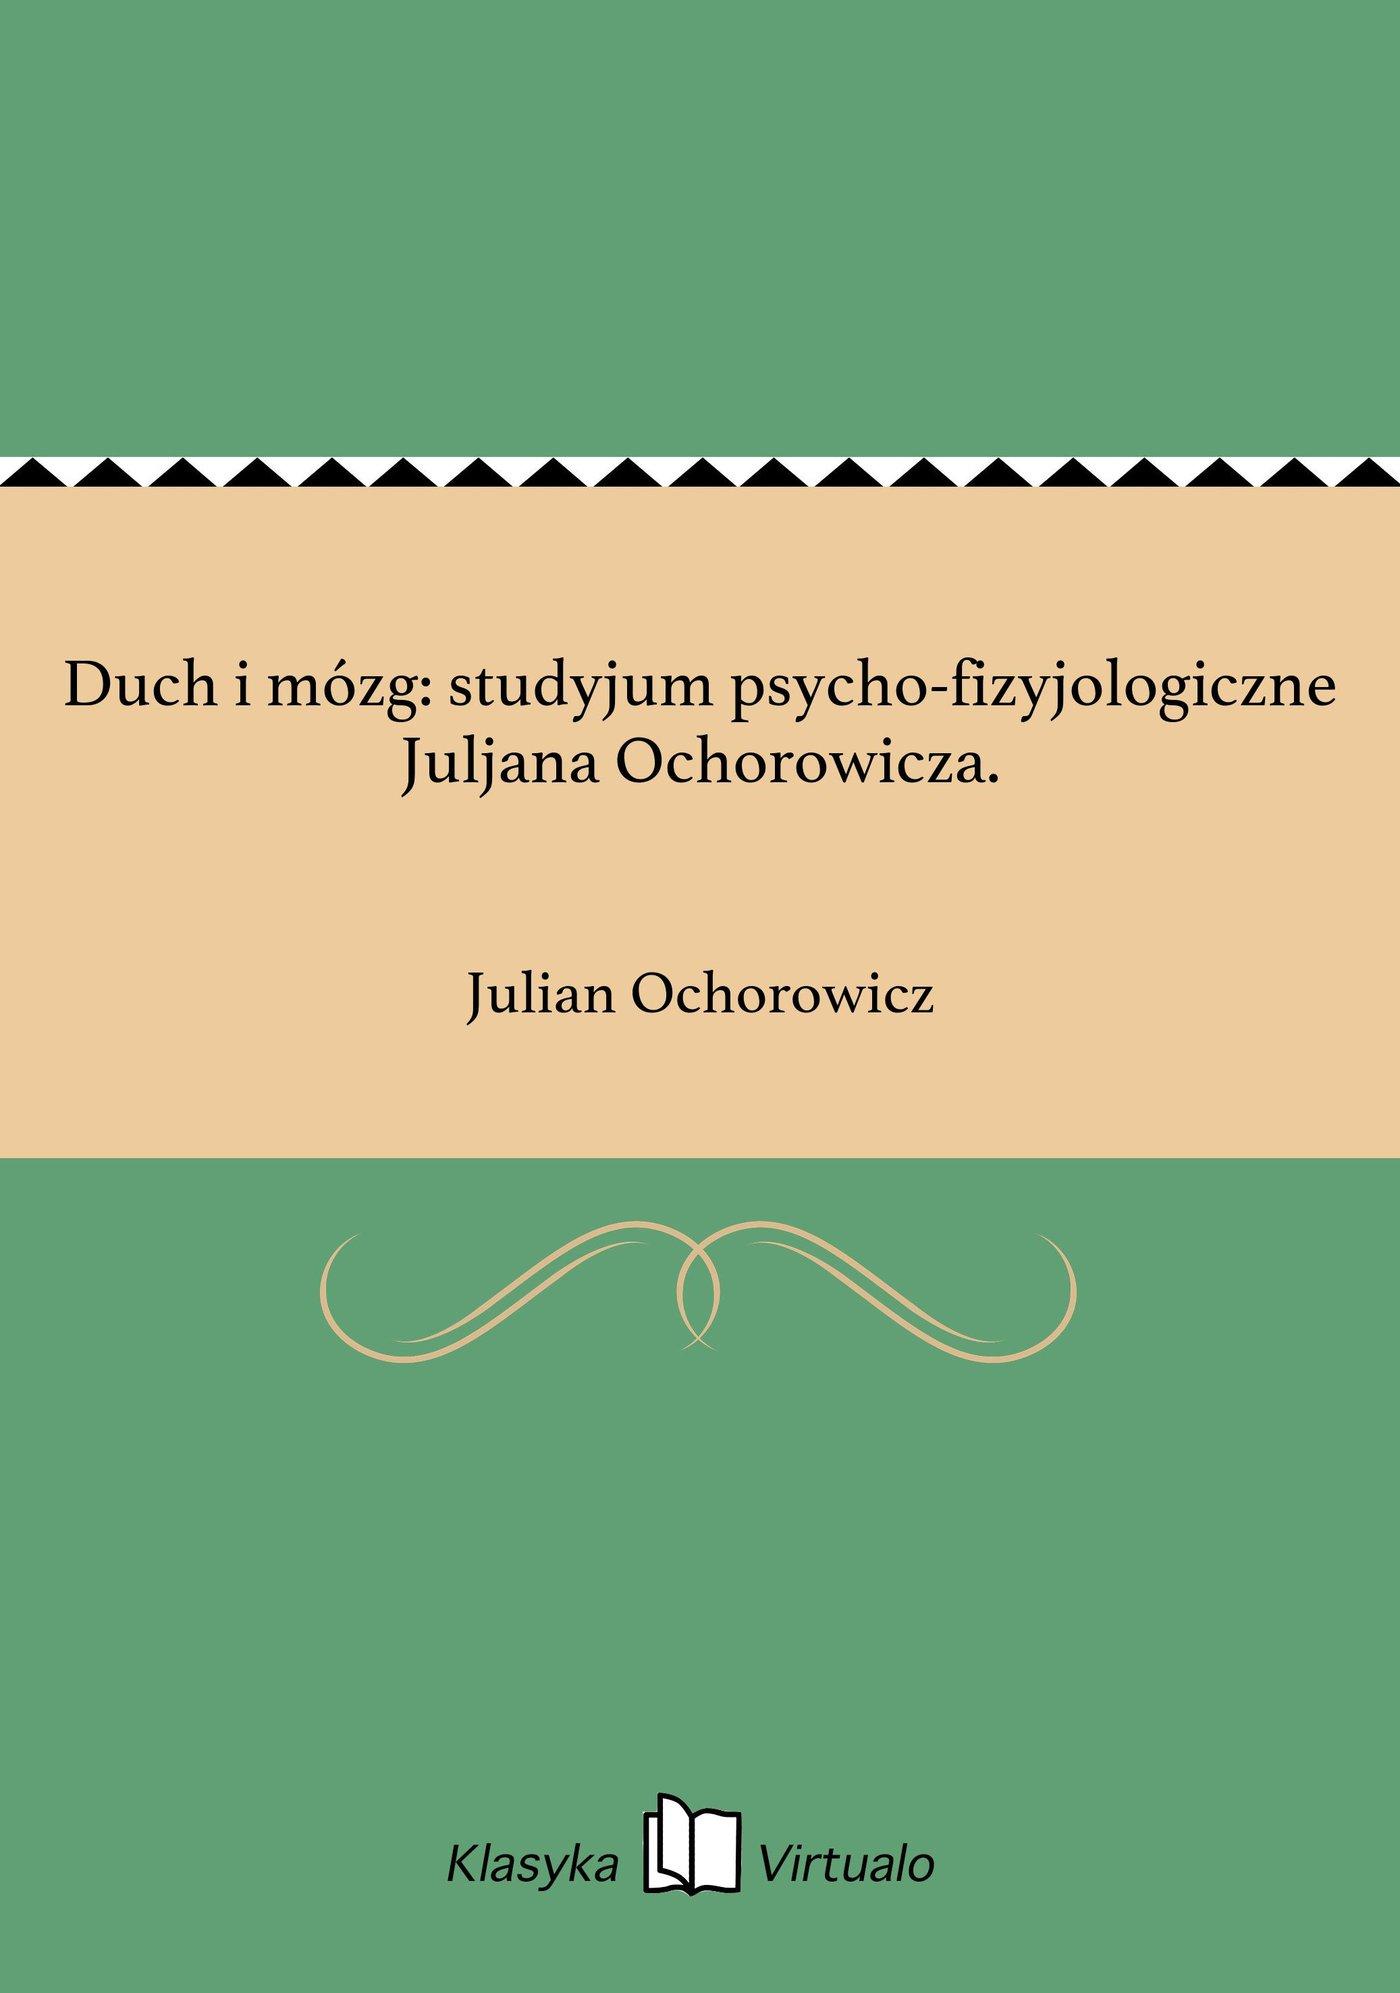 Duch i mózg: studyjum psycho-fizyjologiczne Juljana Ochorowicza. - Ebook (Książka na Kindle) do pobrania w formacie MOBI